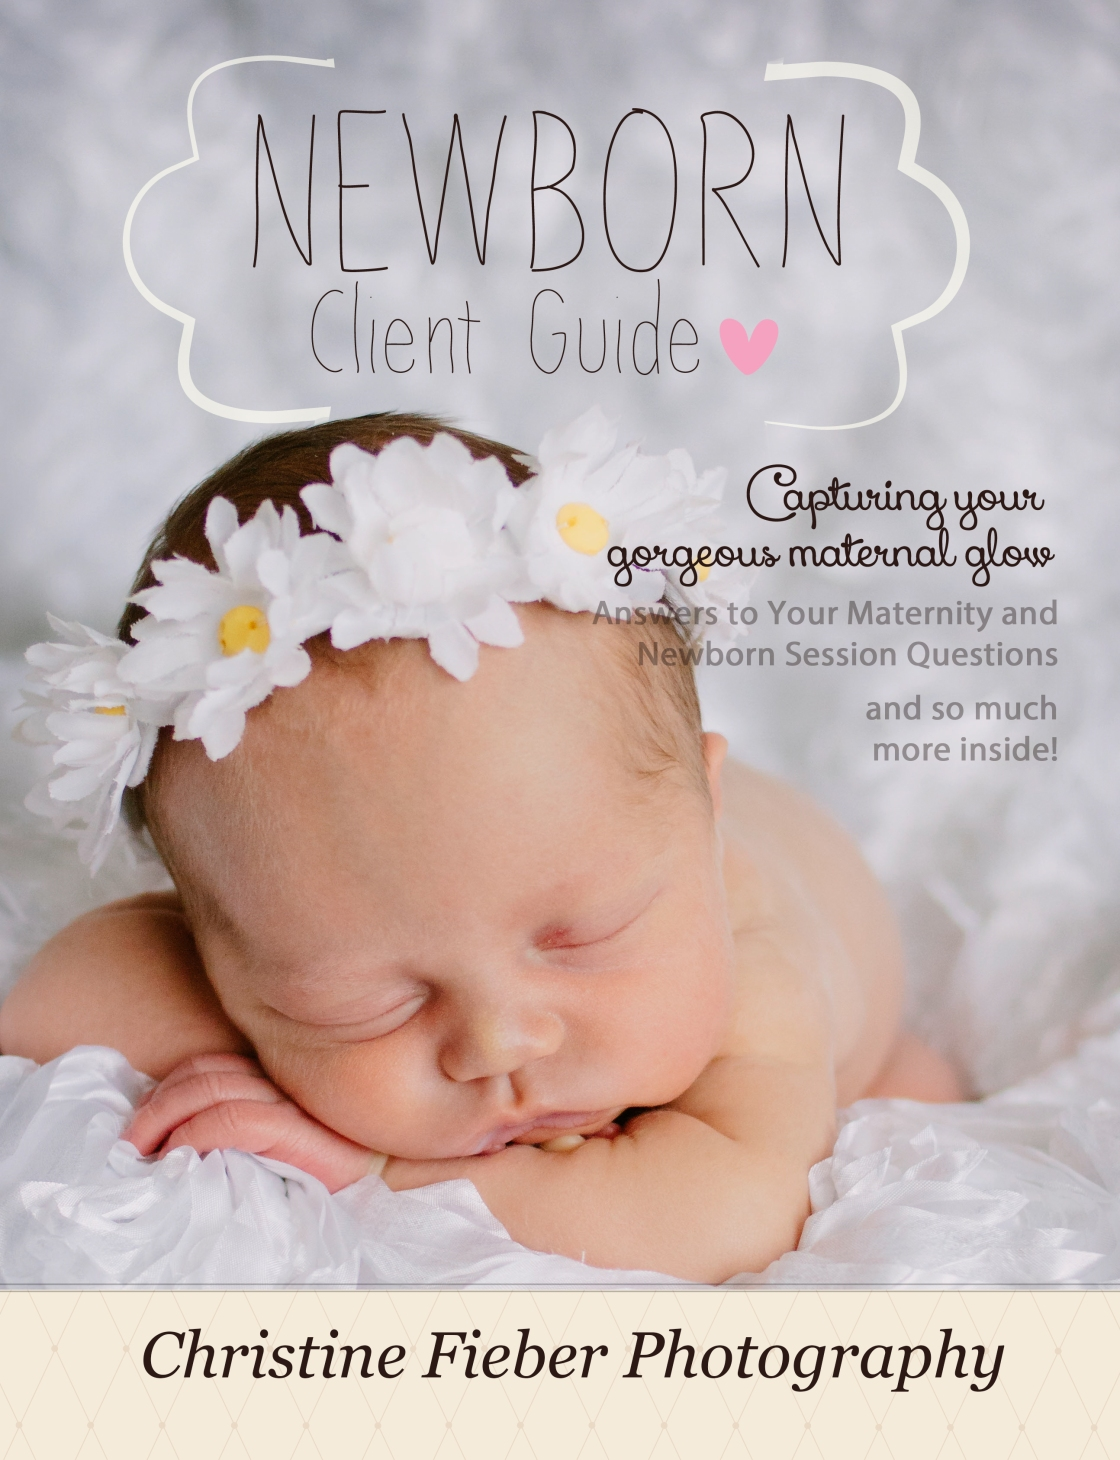 NewbornPage 1